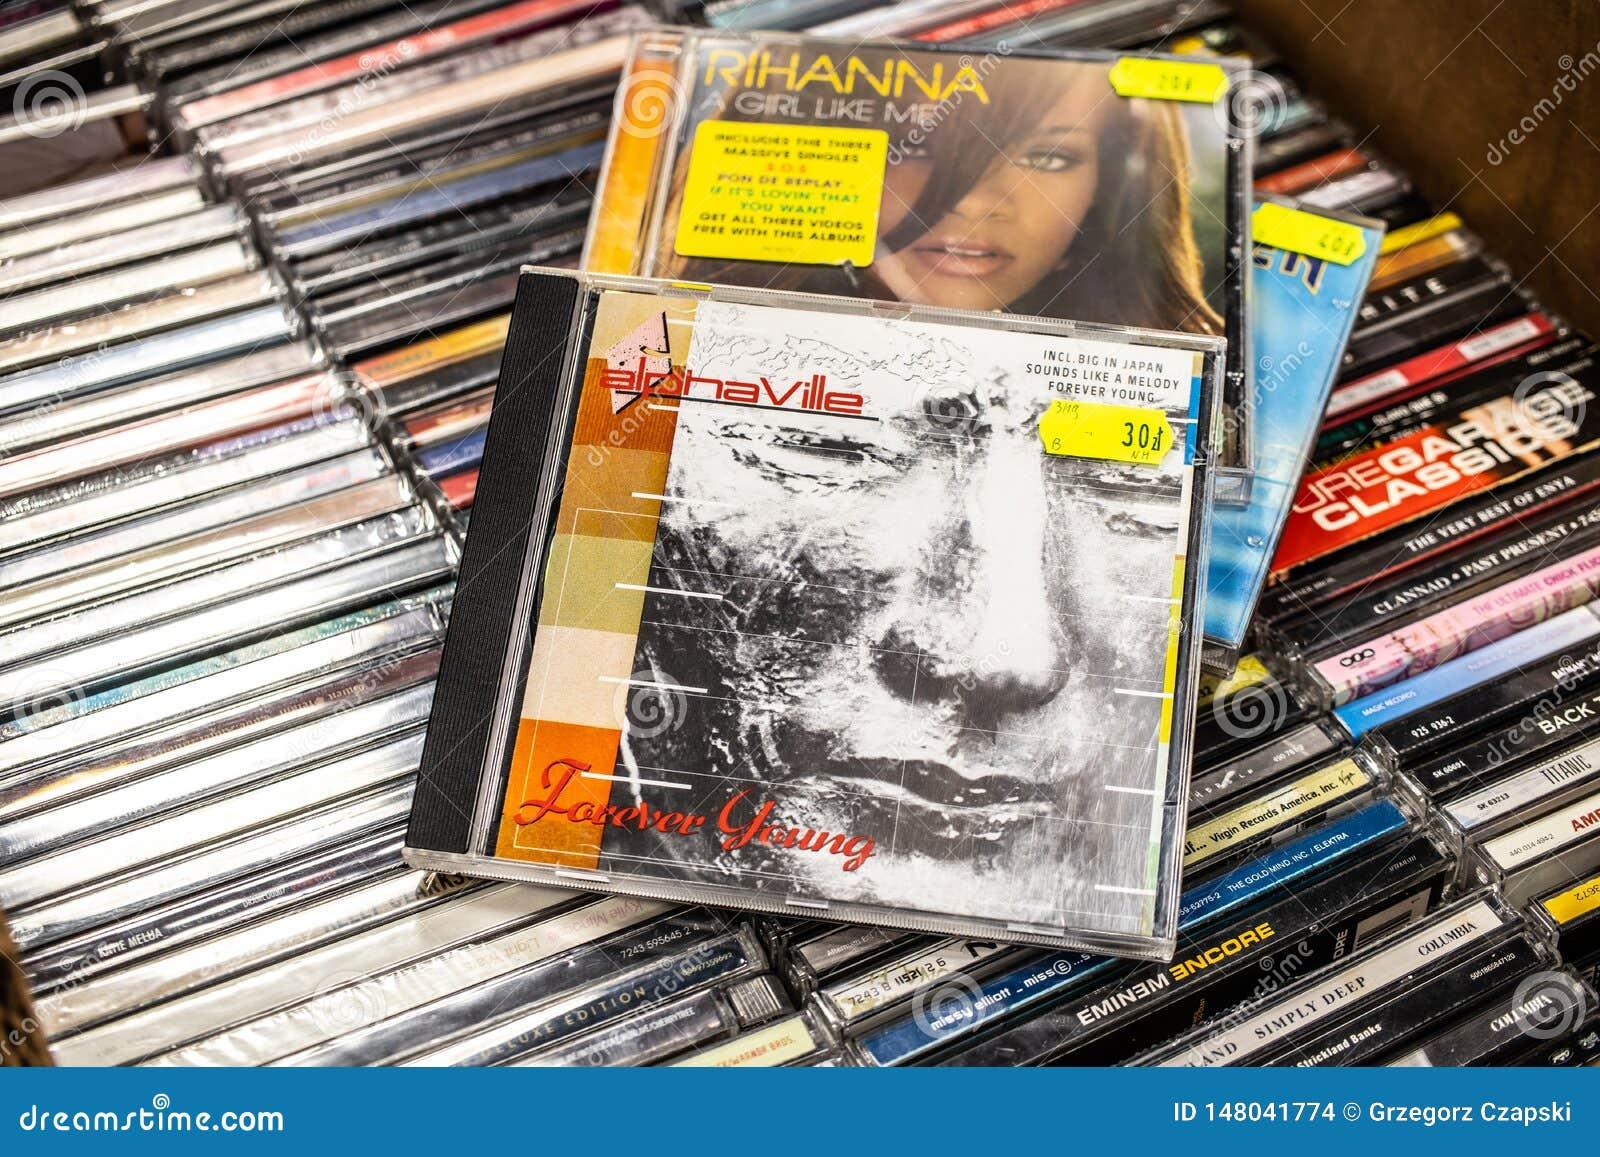 Alphavillecd album voor altijd Jonge 1984 op vertoning voor verkoop, beroemde Duitse synth-pop band